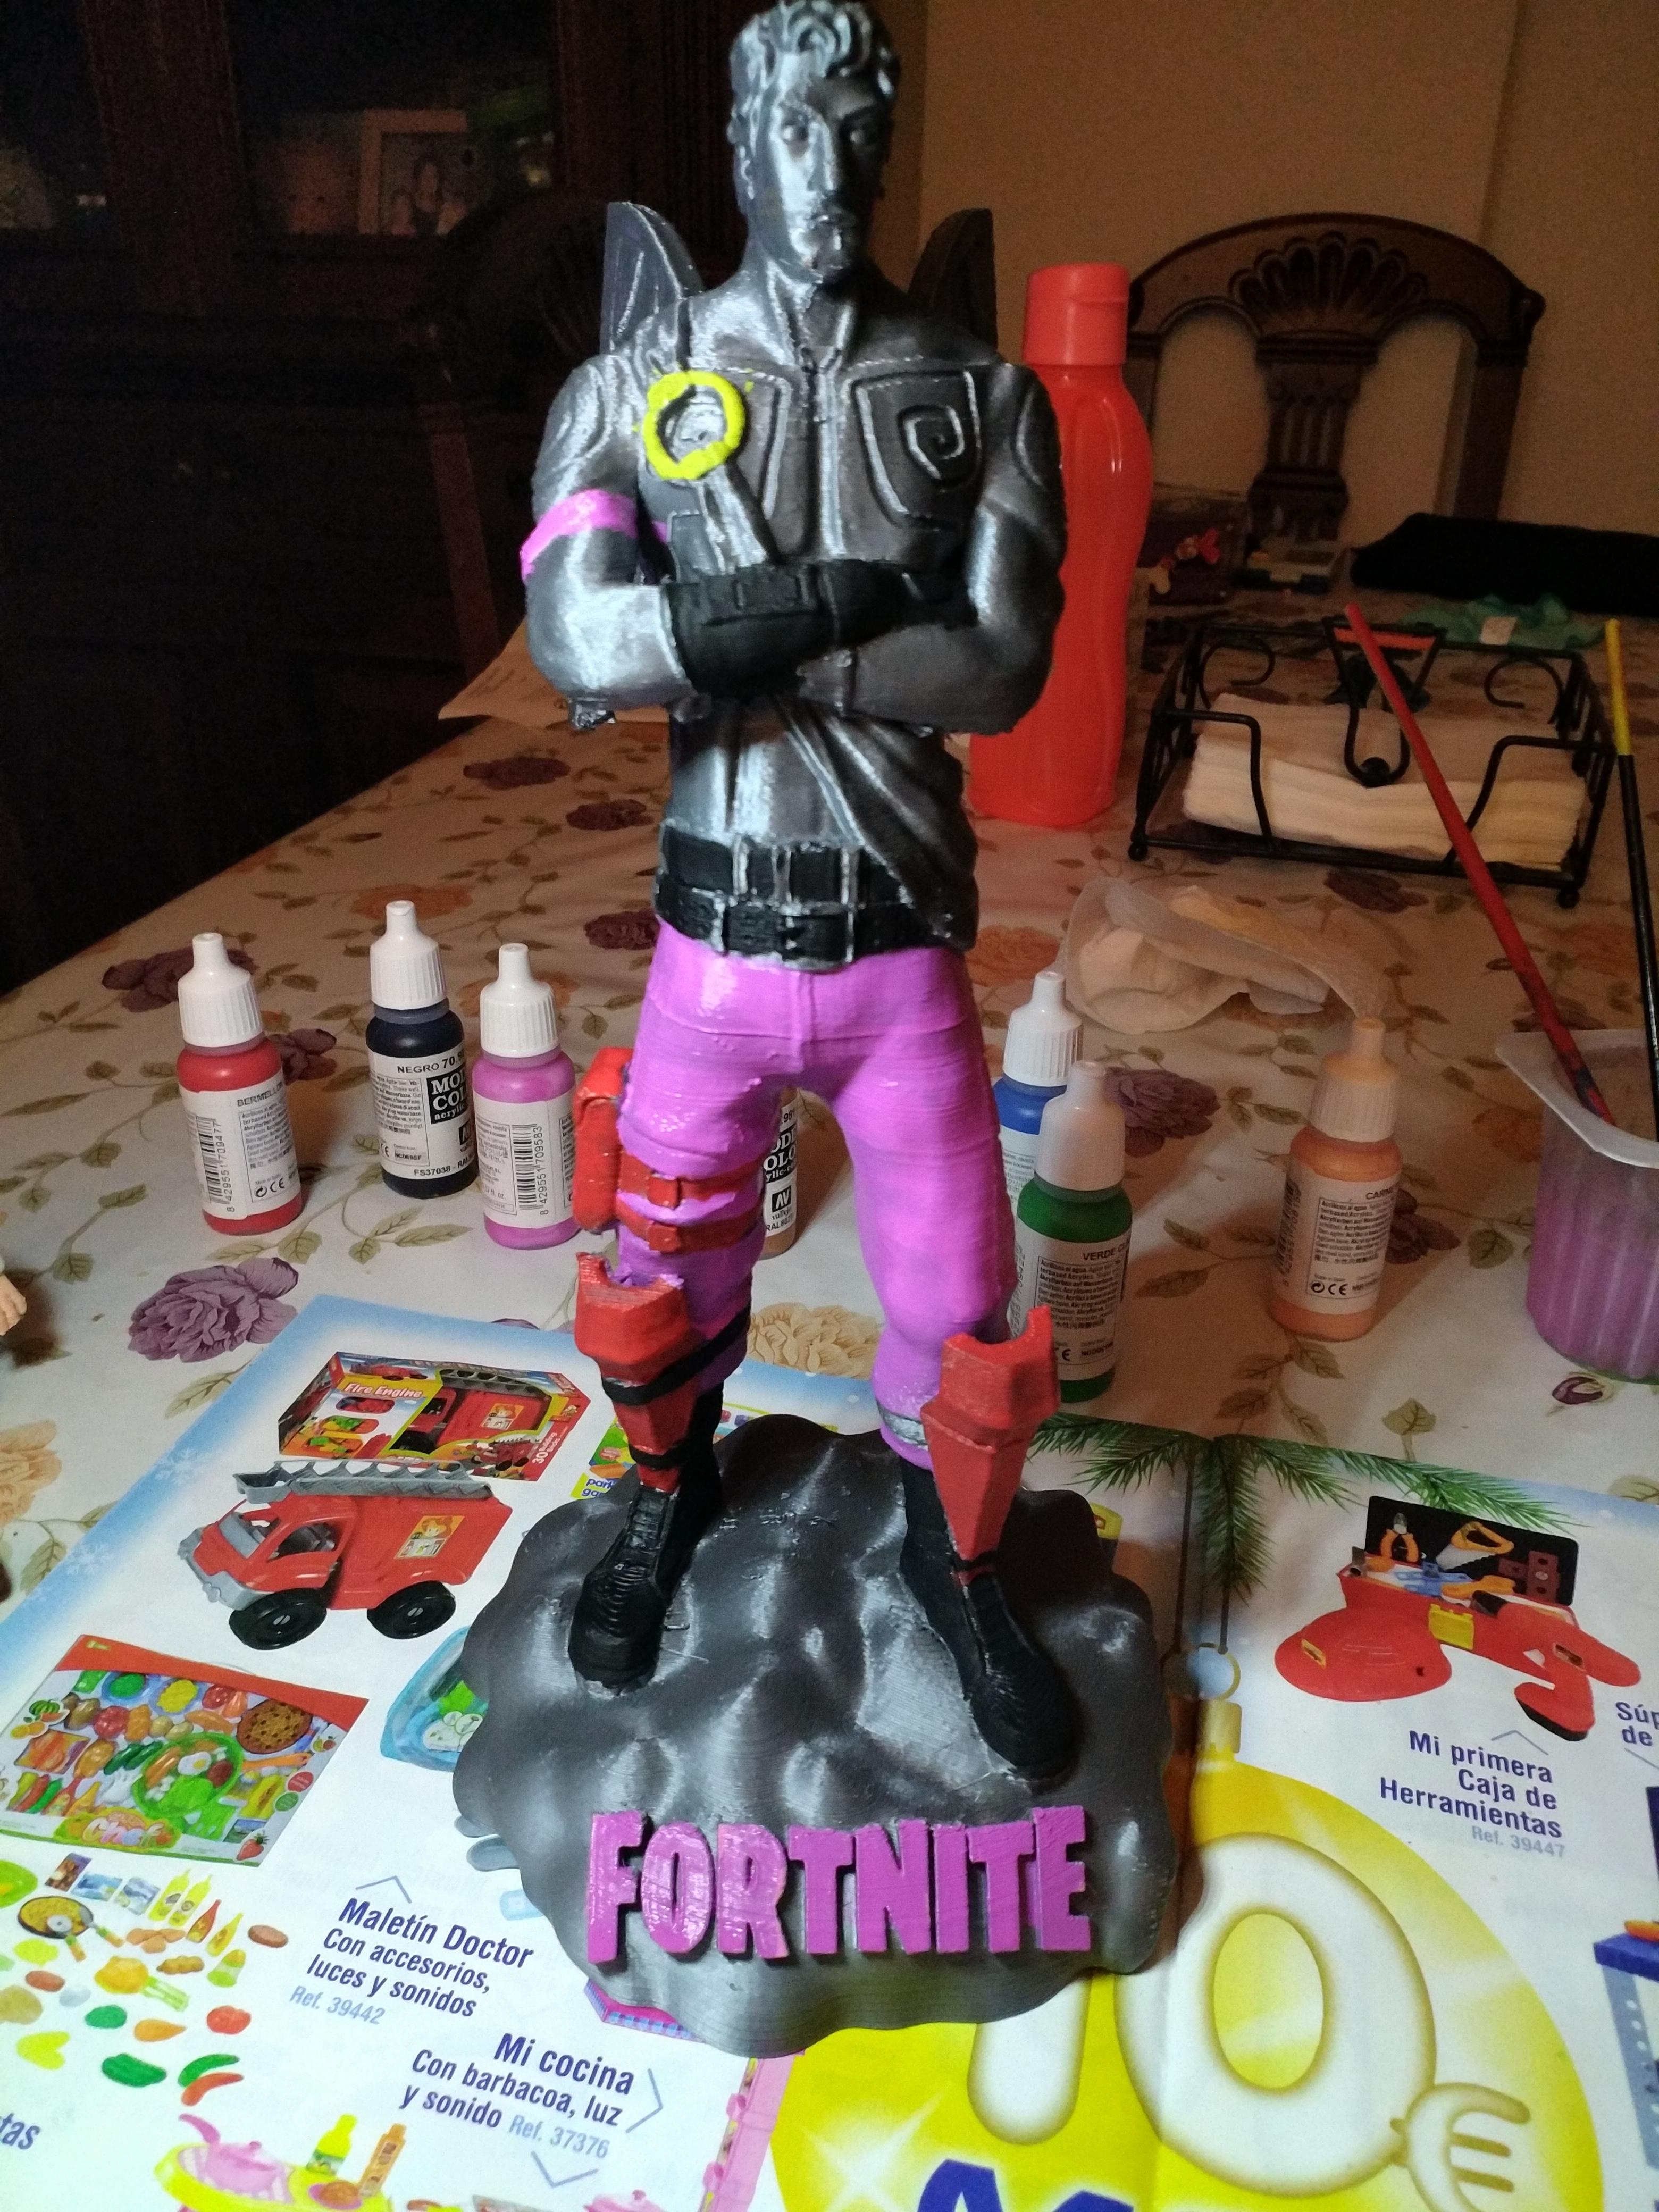 3D Printable Fortnite - Love Ranger - 28cm tall by Fotis Mint